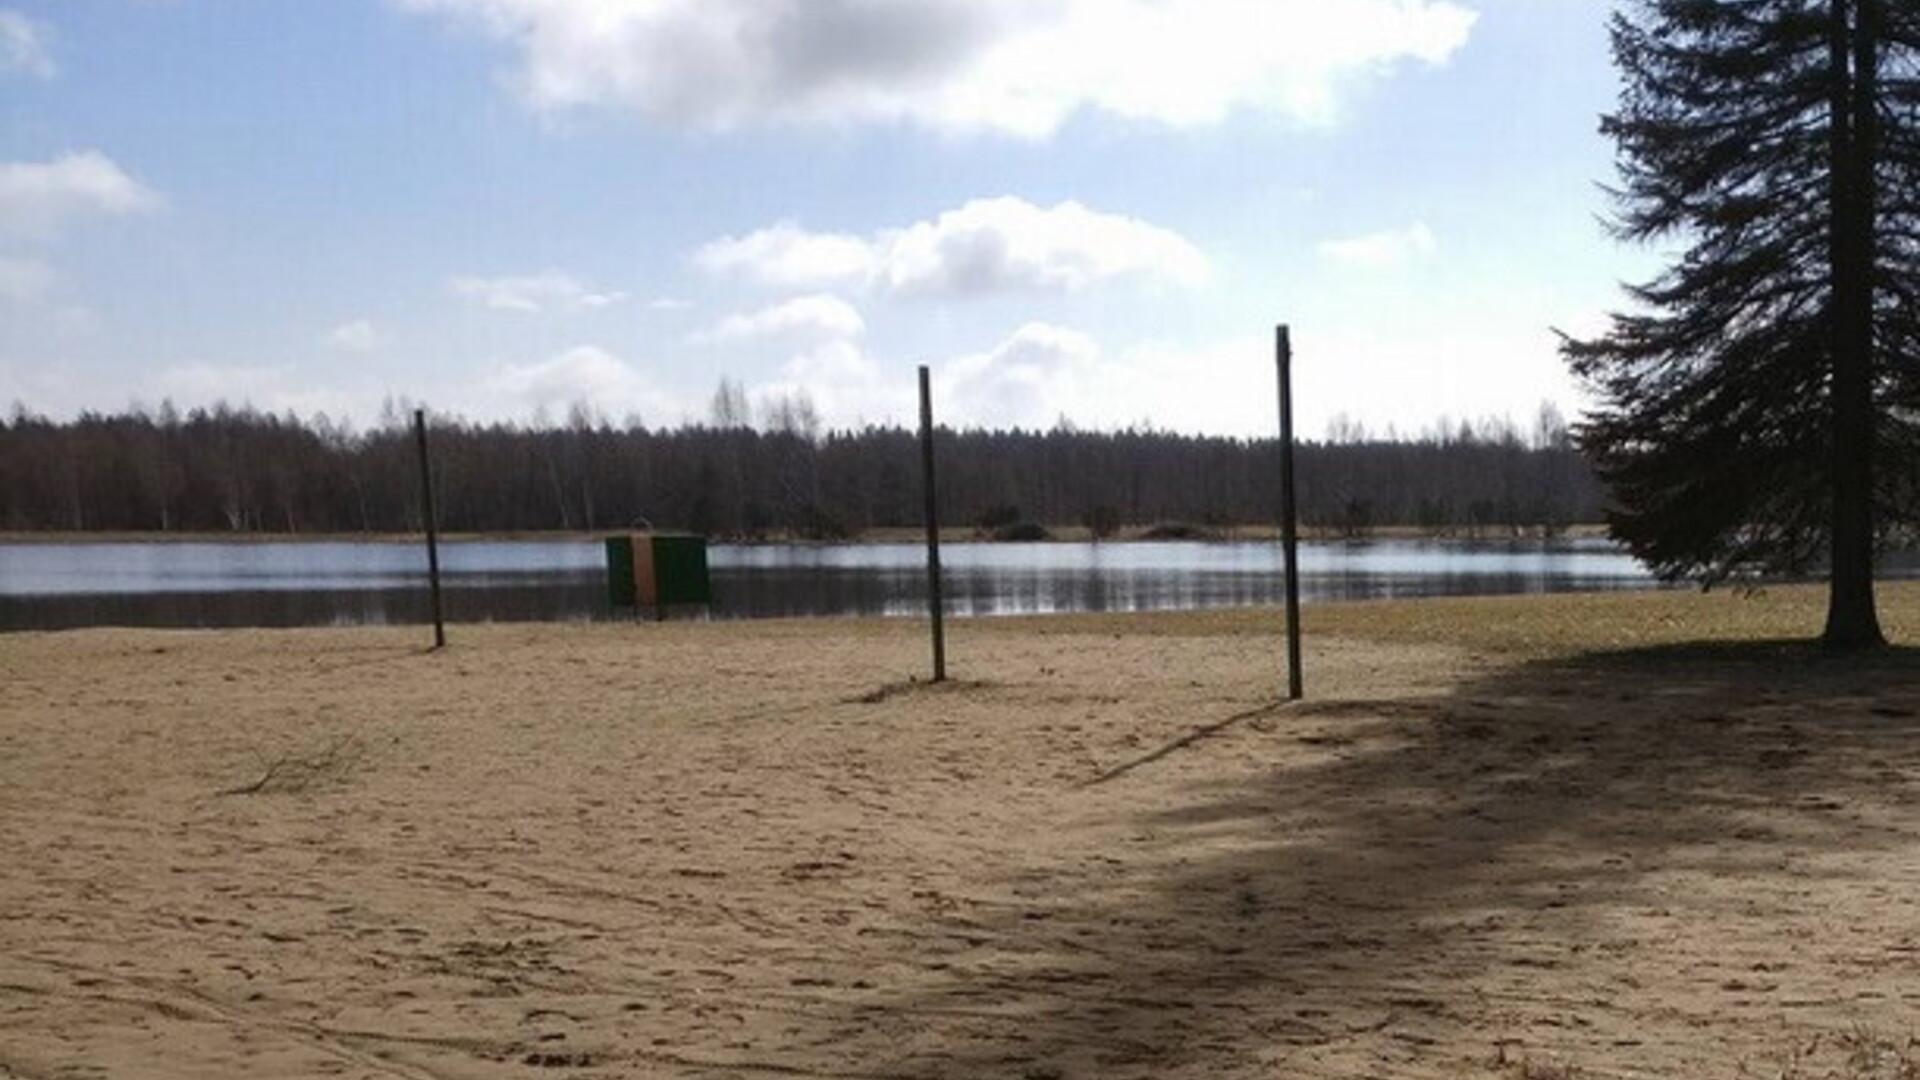 8399c012c15 Türi järve rannas sai viga pea ees madalasse vette hüpanud poiss   Eesti    ERR